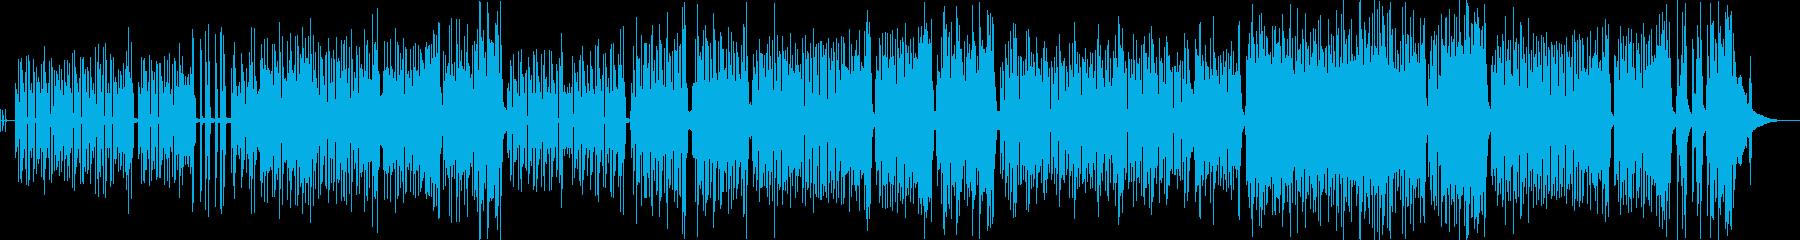 ワルツ。ミュゼット。の再生済みの波形